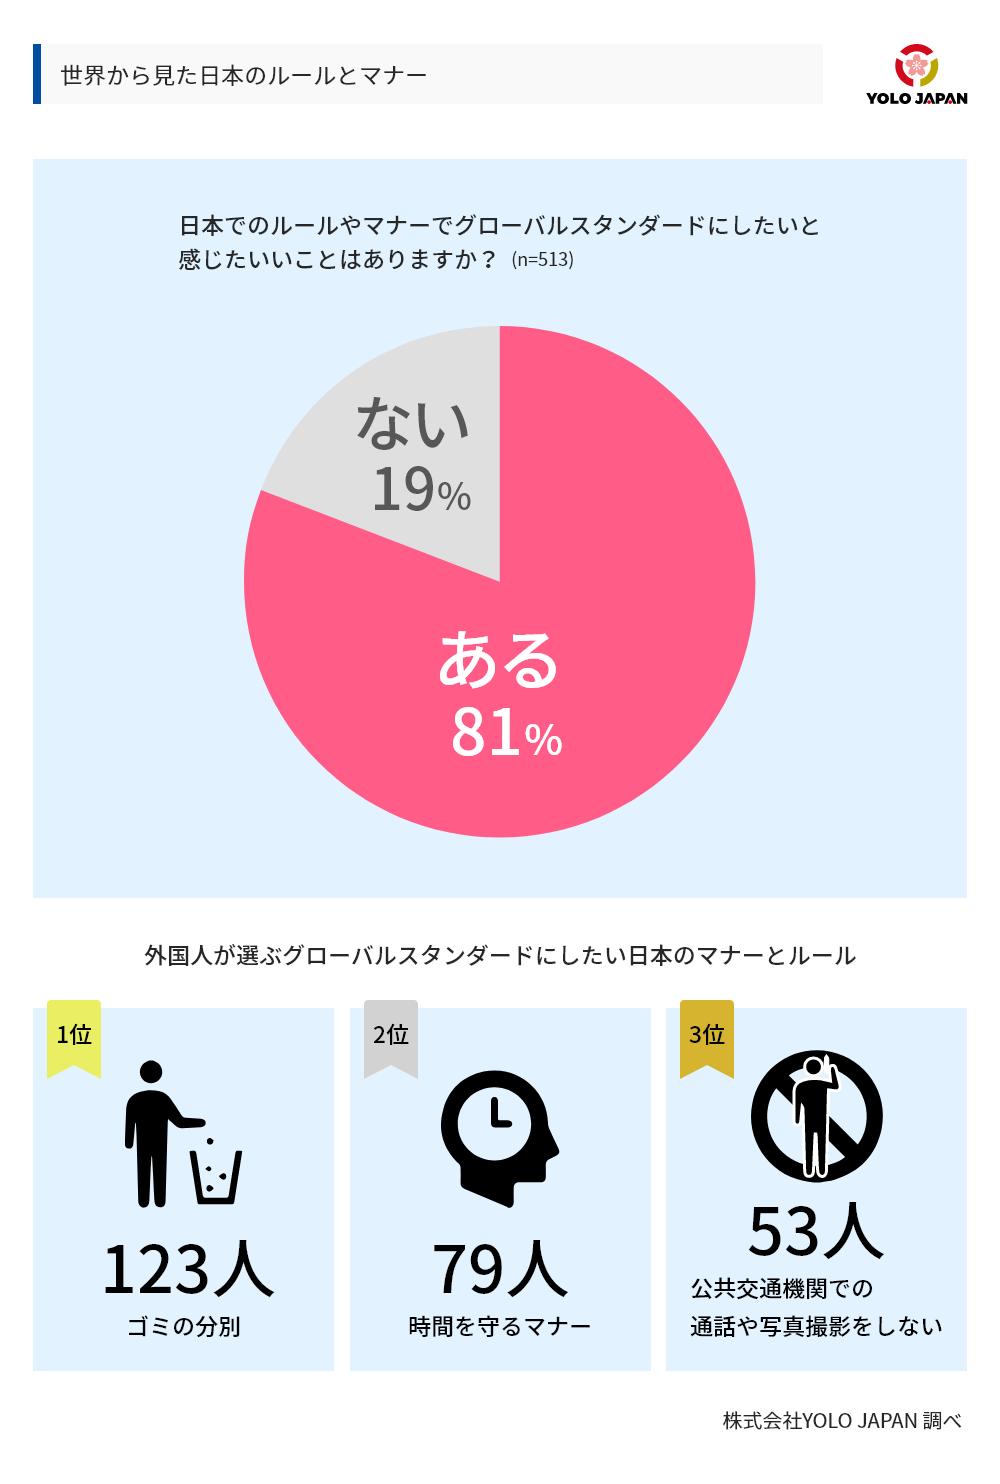 グローバルに考える、日本のルールやマナーについて